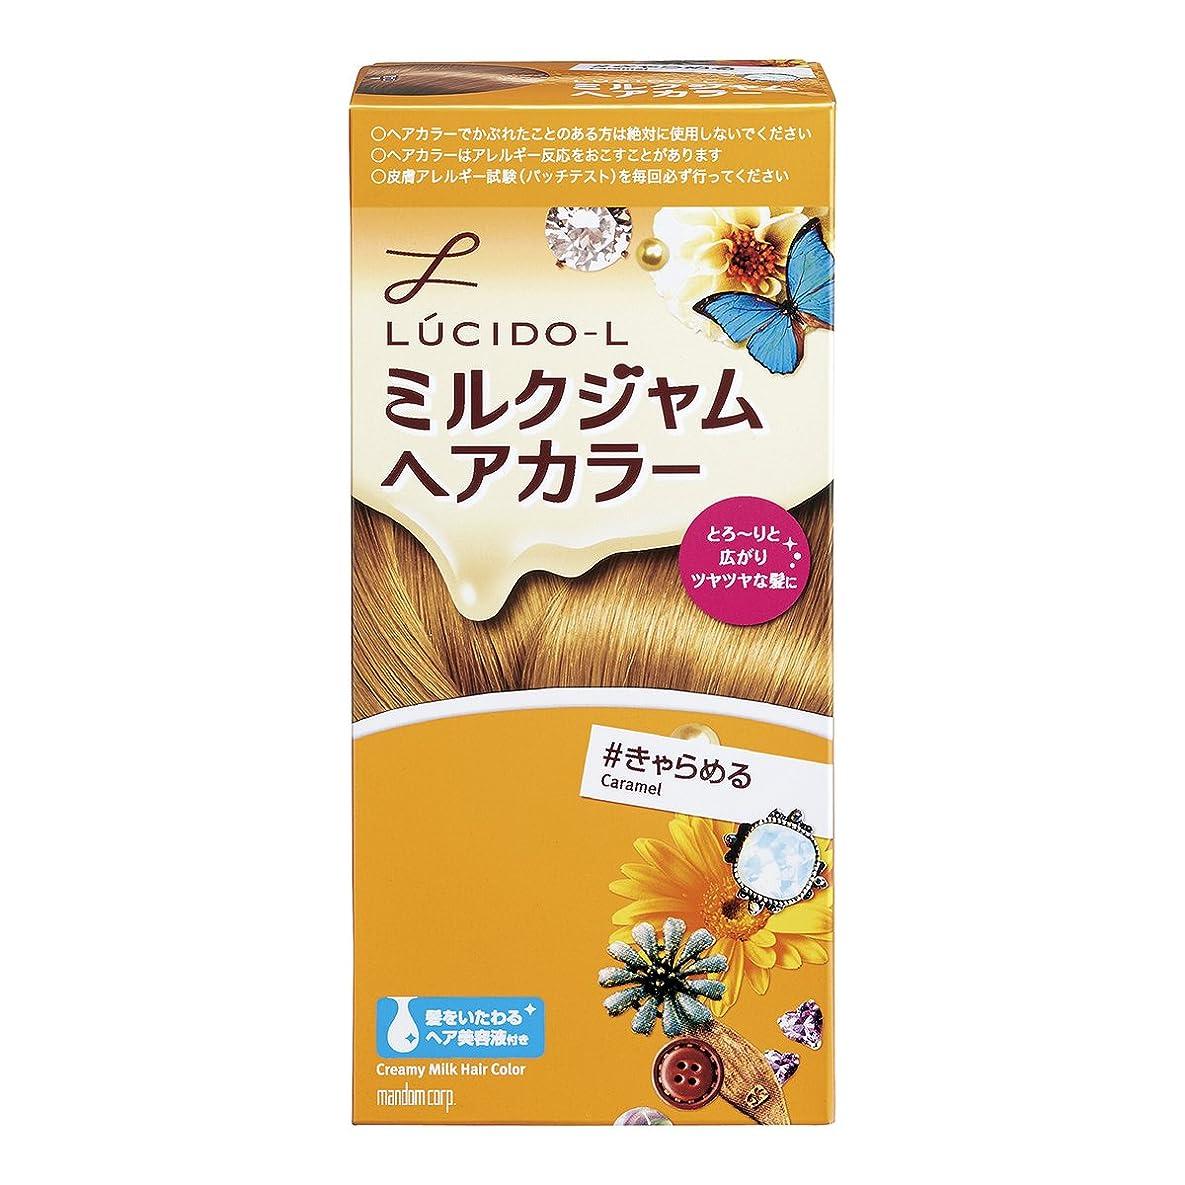 堂々たる同情的ヶ月目LUCIDO-L (ルシードエル) ミルクジャムヘアカラー #きゃらめる (医薬部外品) (1剤40g 2剤80mL TR5g)